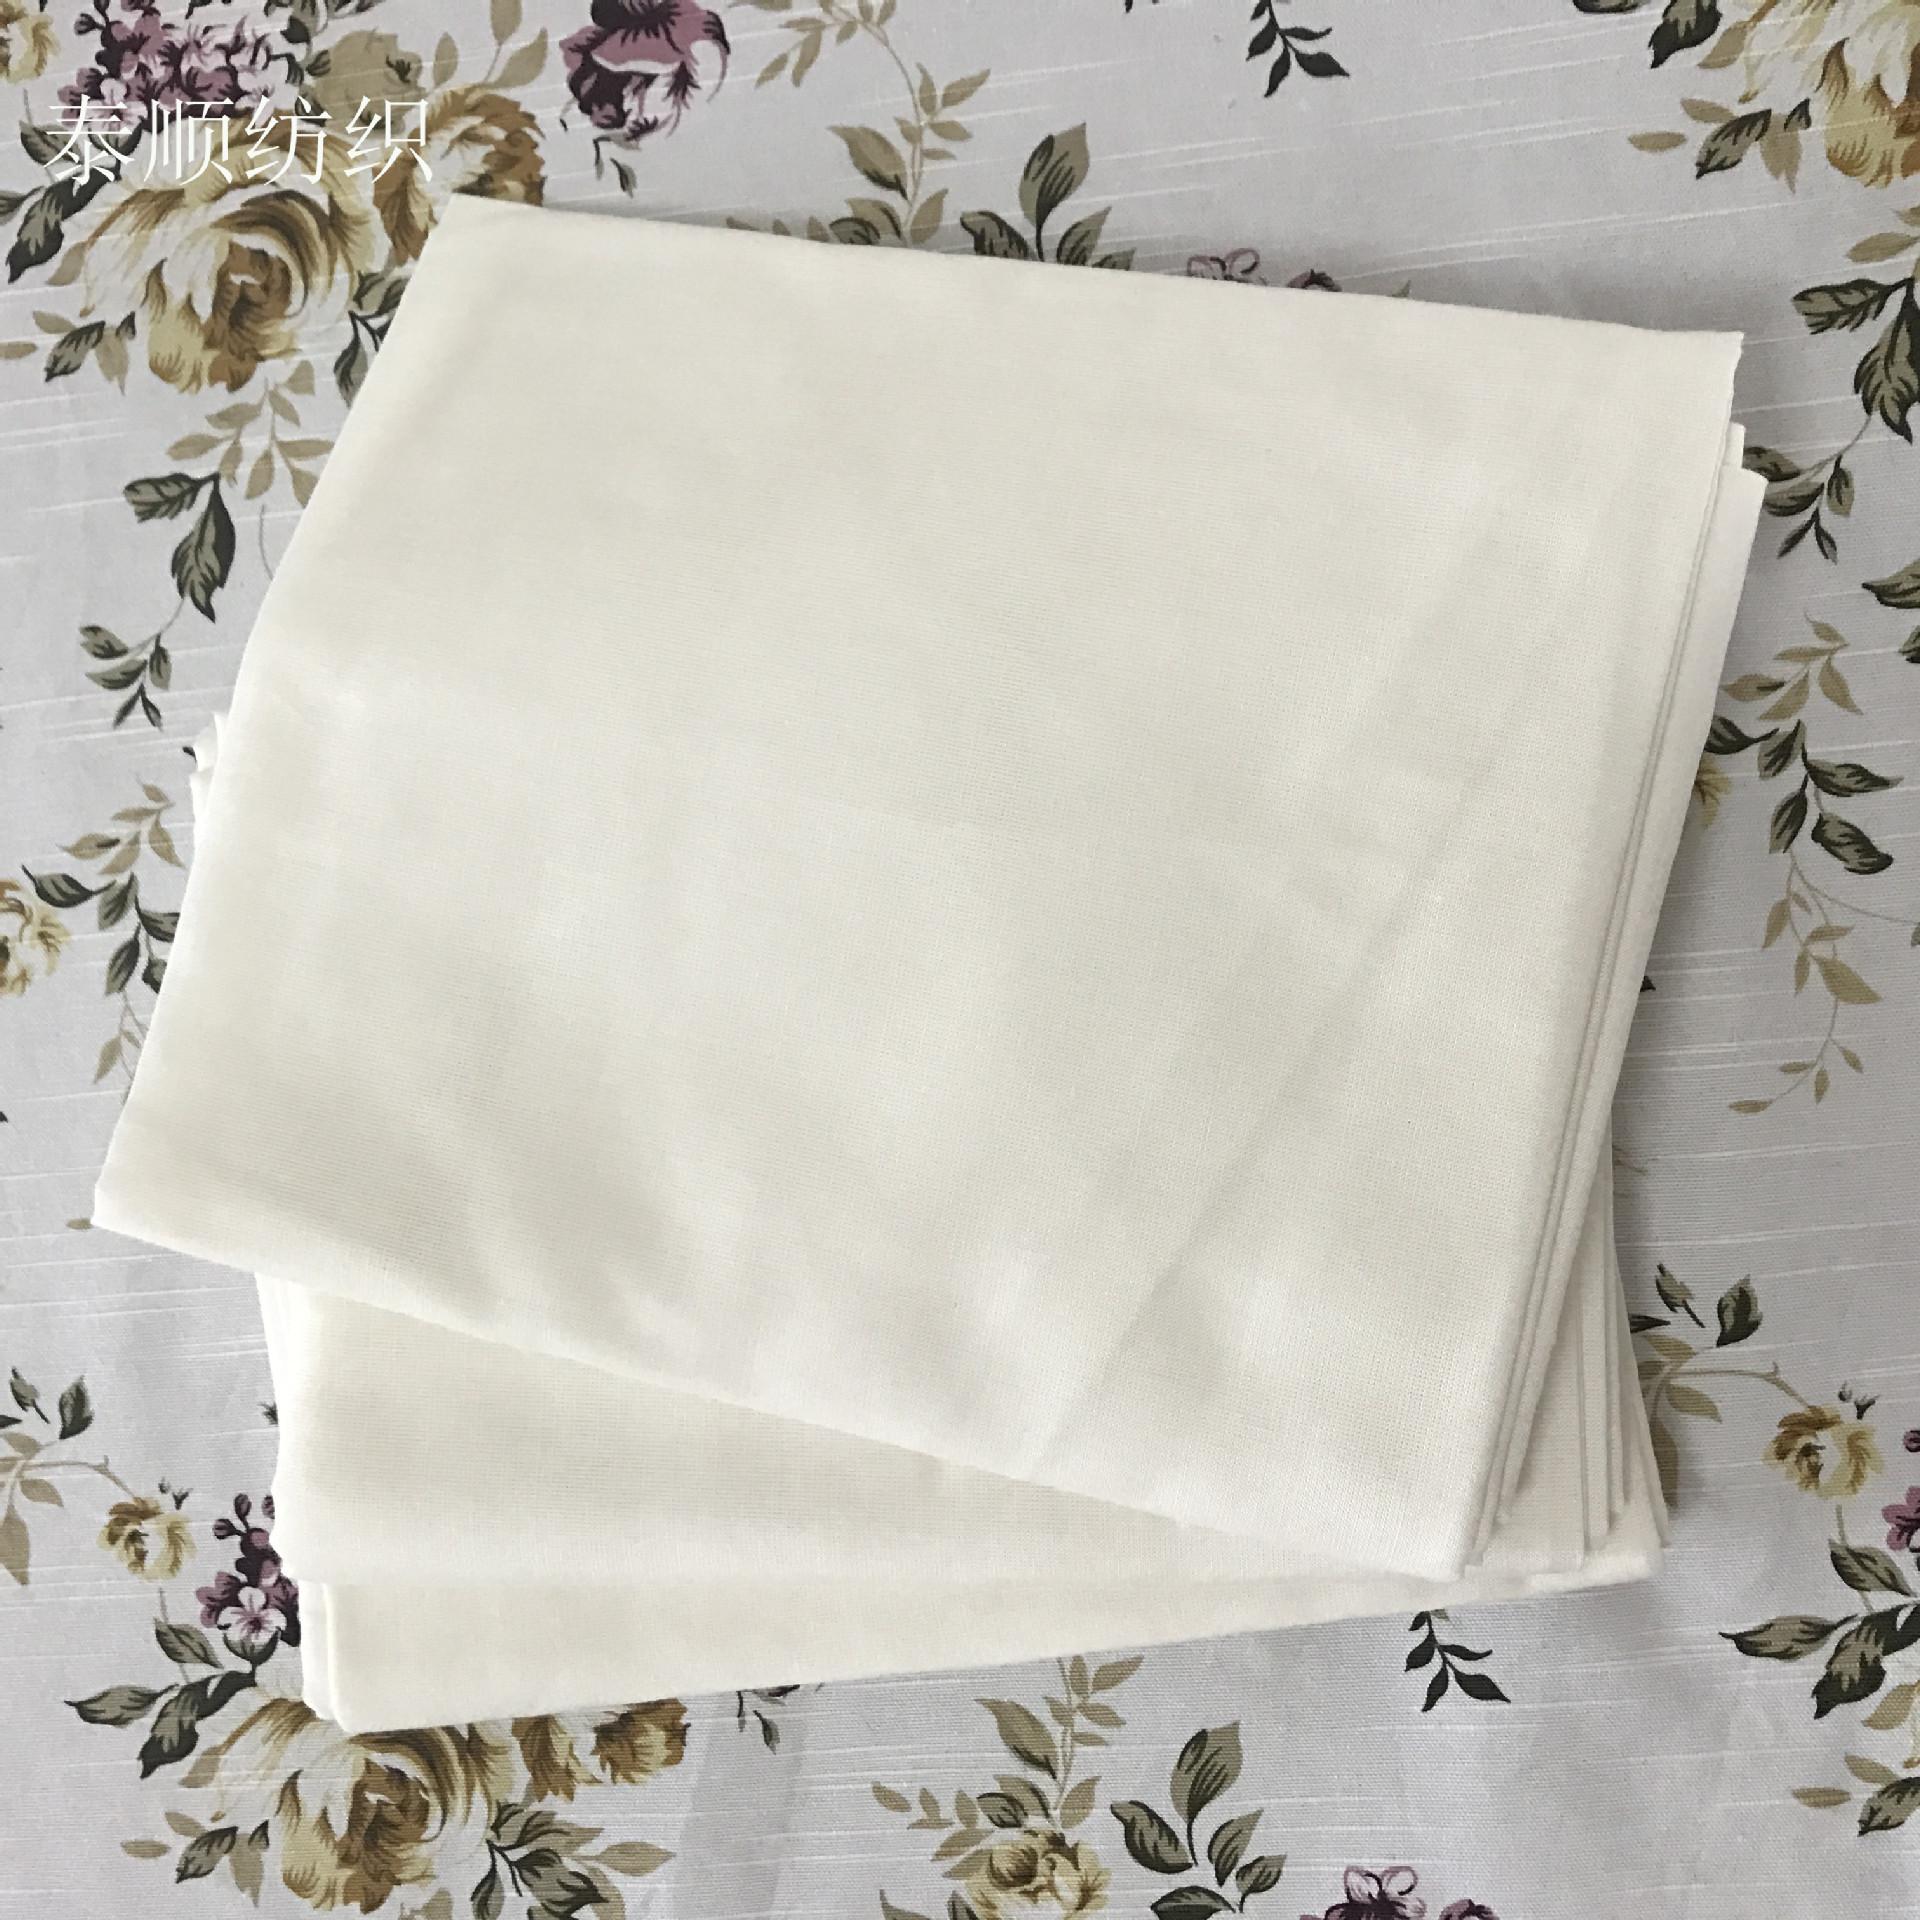 TAISHUN Vải mộc pha Vải cotton 45 sợi vải mềm đồng bằng 100 * 80 vải trắng vải polyester cotton bán